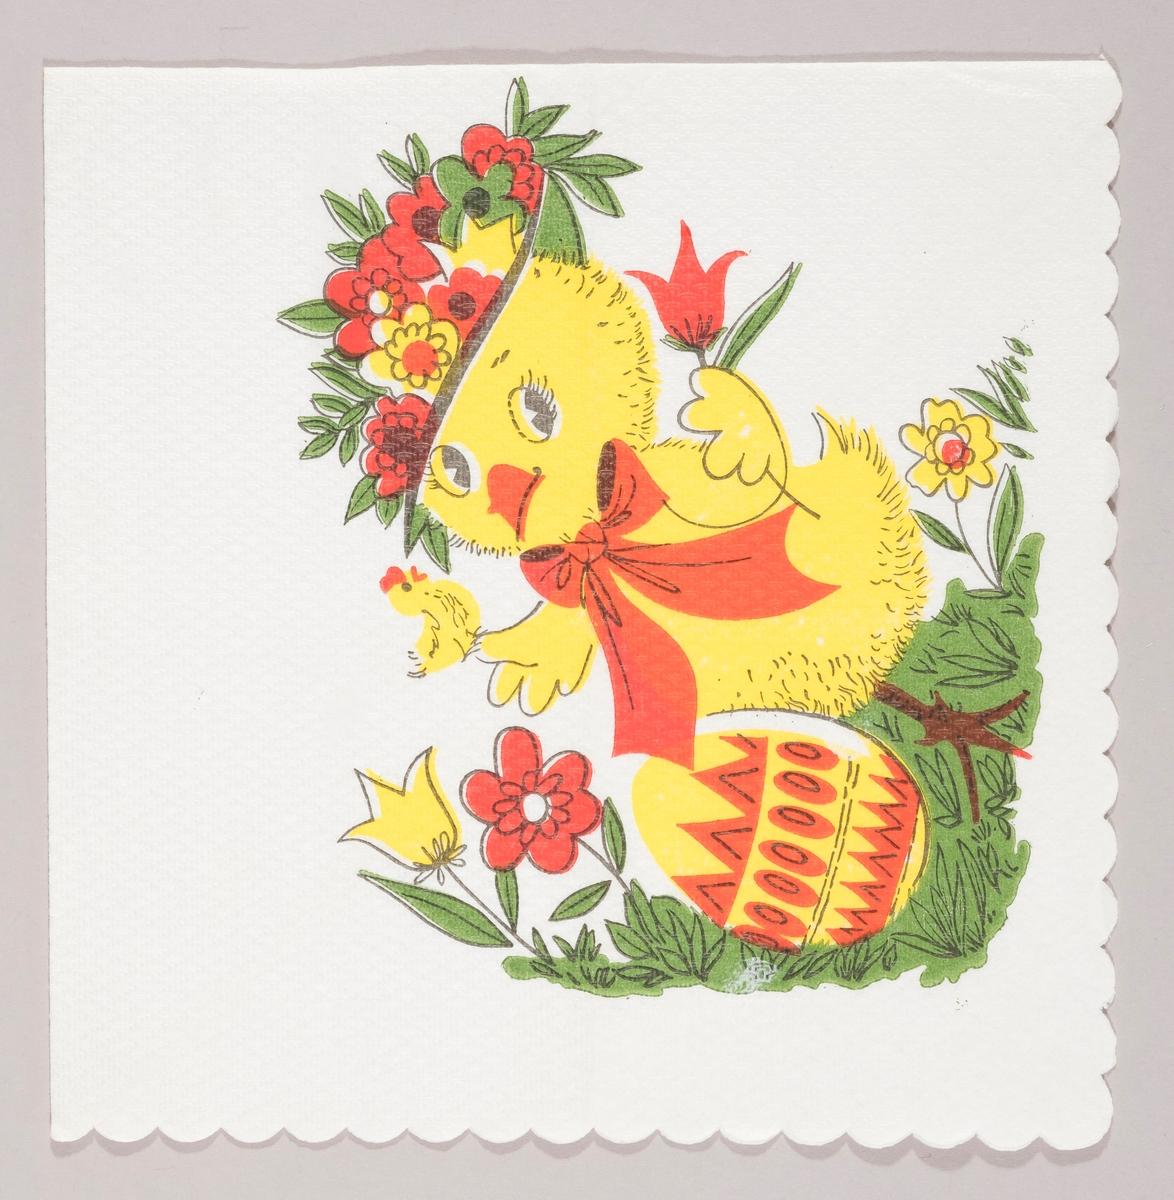 En kylling med blomsterhatt og sløyfe rundt halsen. I hendene har kyllingen en liten hønefigur og en blomst. Kyllingen står på en gresplen med blomster og et dekorert påskeegg.